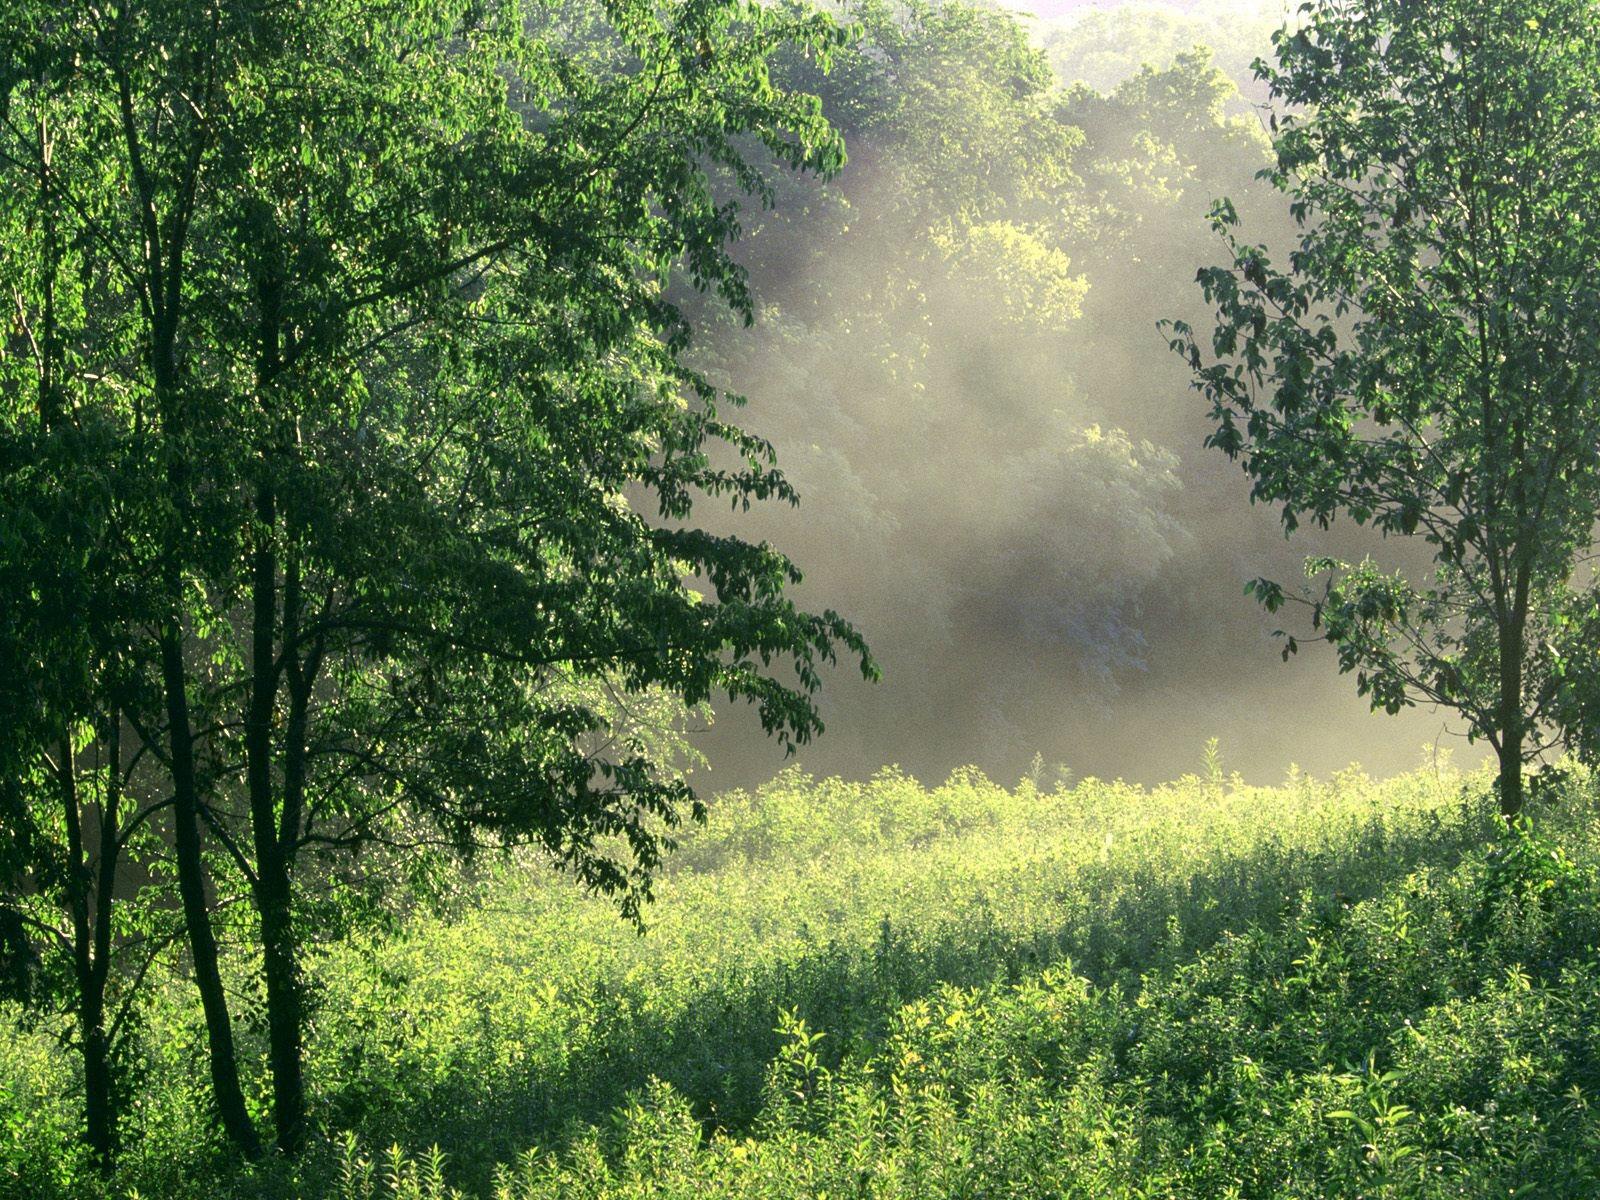 foto foto pemandangan hutan yang alami ukuran besar